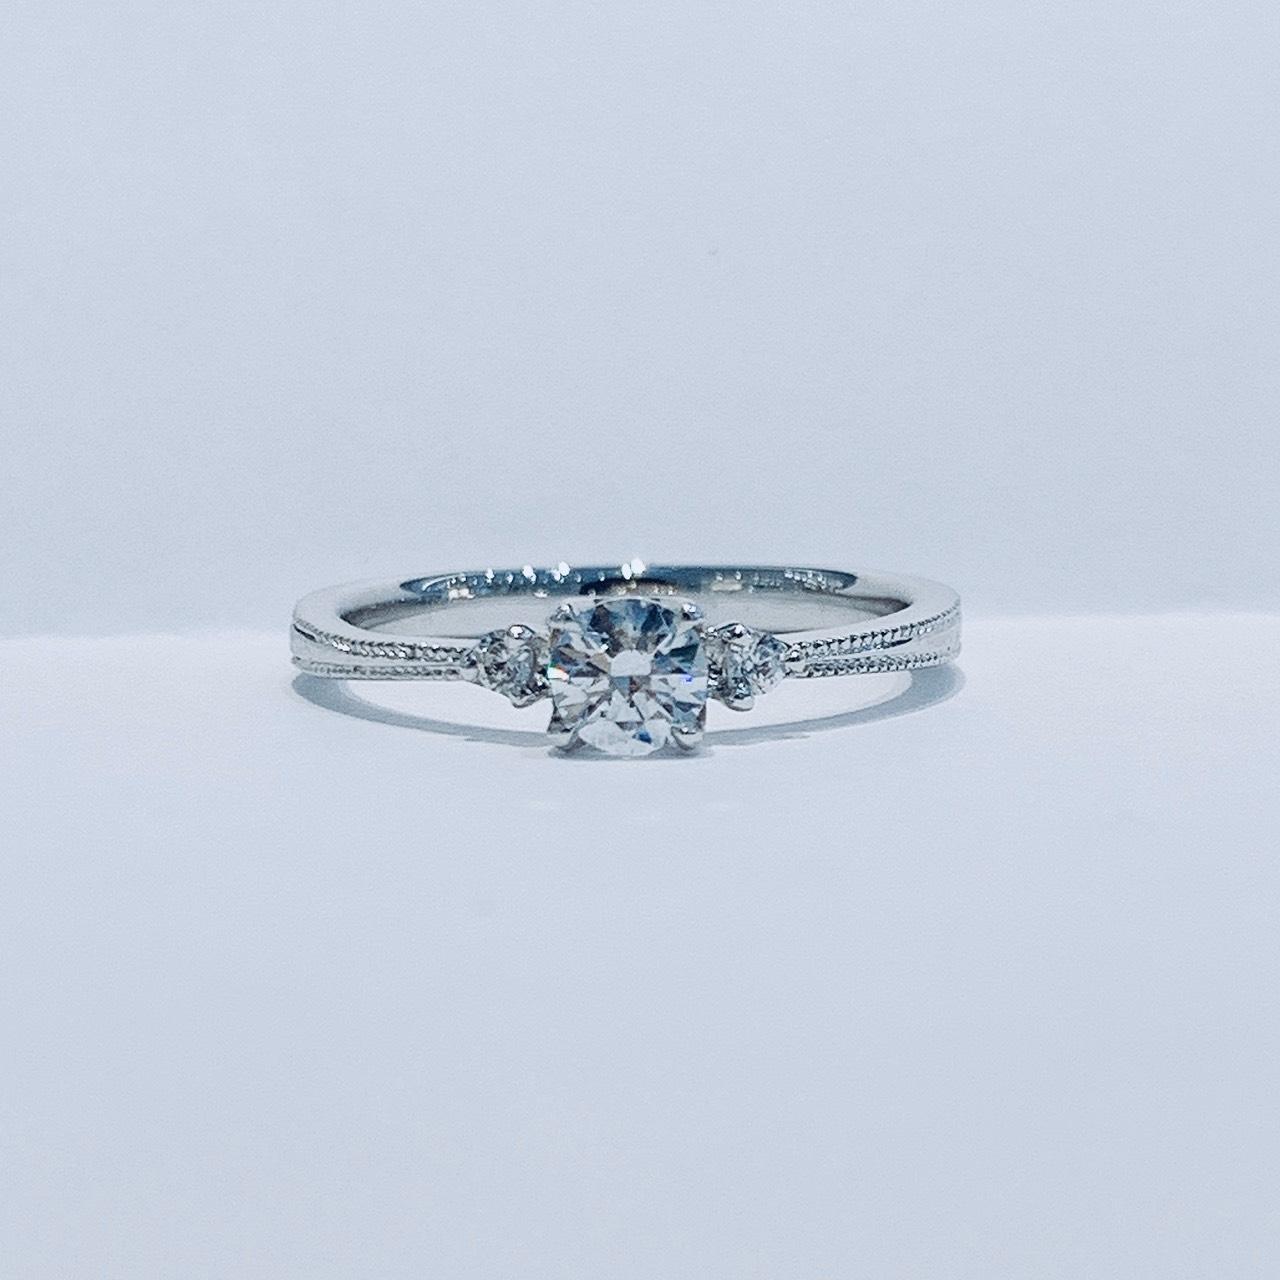 BROOCH 婚約指輪 エンゲージリング ダイヤモンドライン2色コンビ